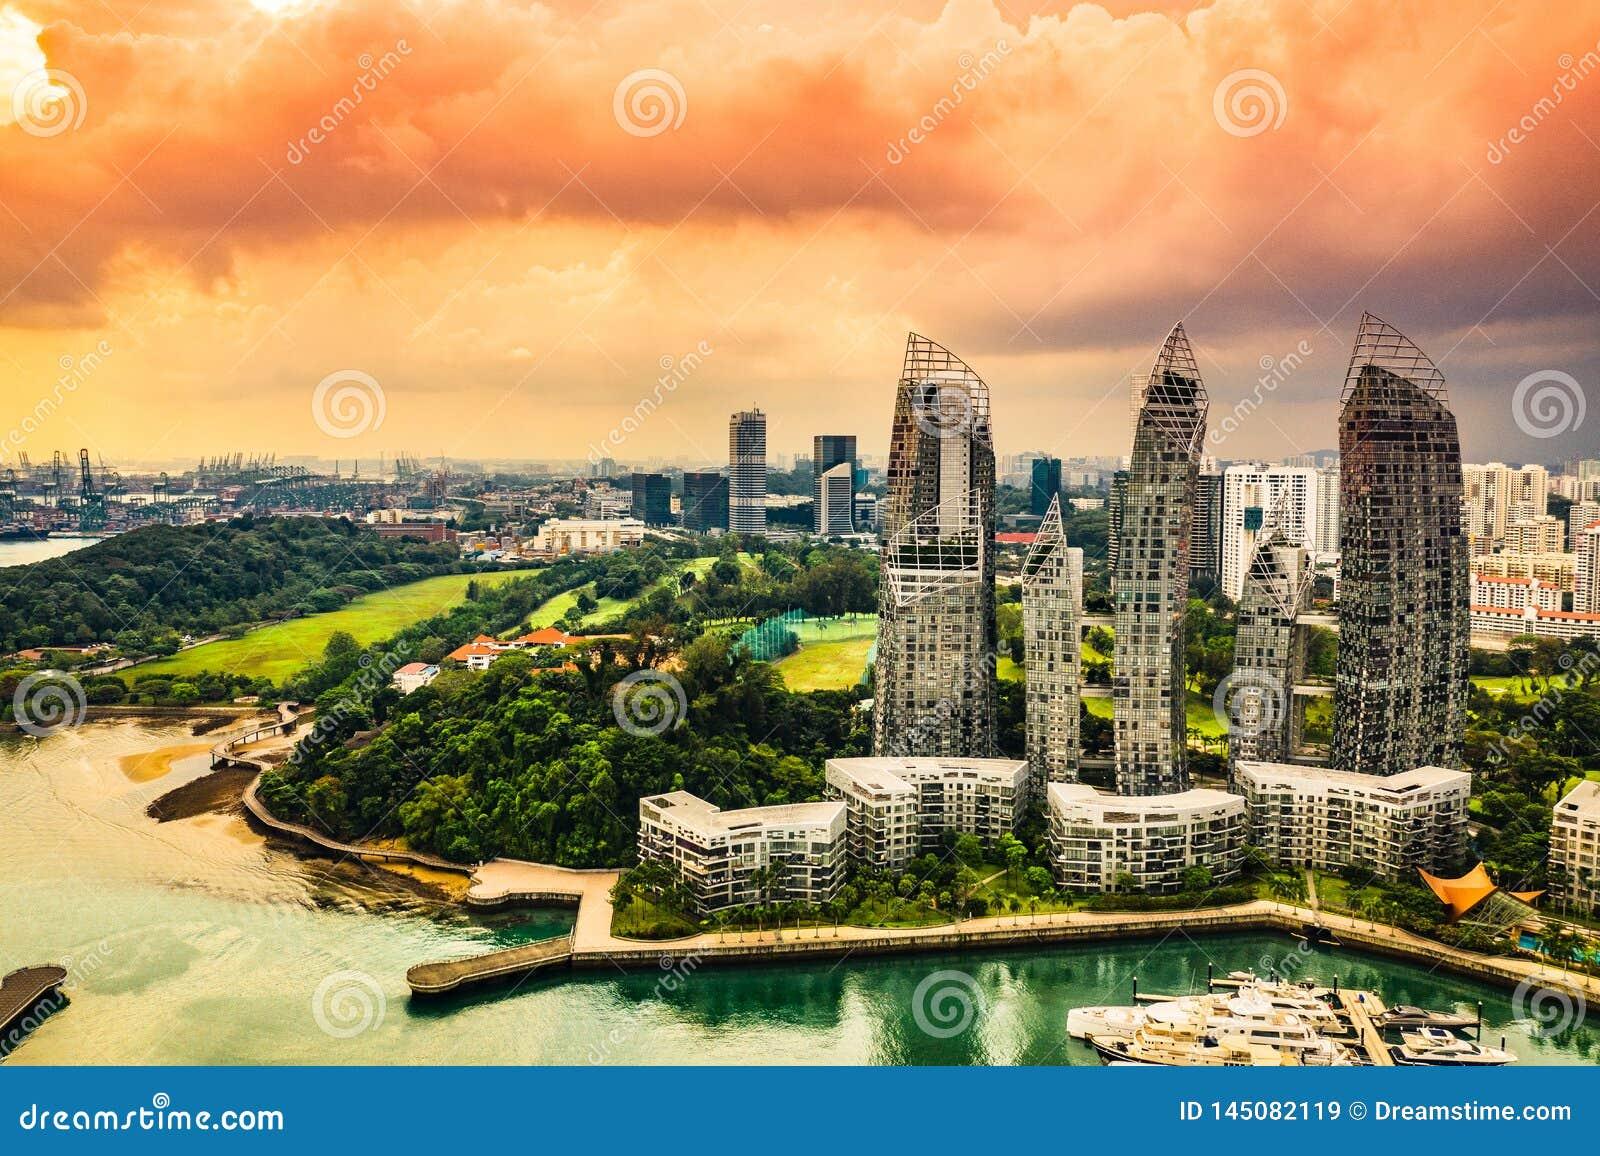 Keppel Marina Bay in Singapore - Vergelijking van Licht